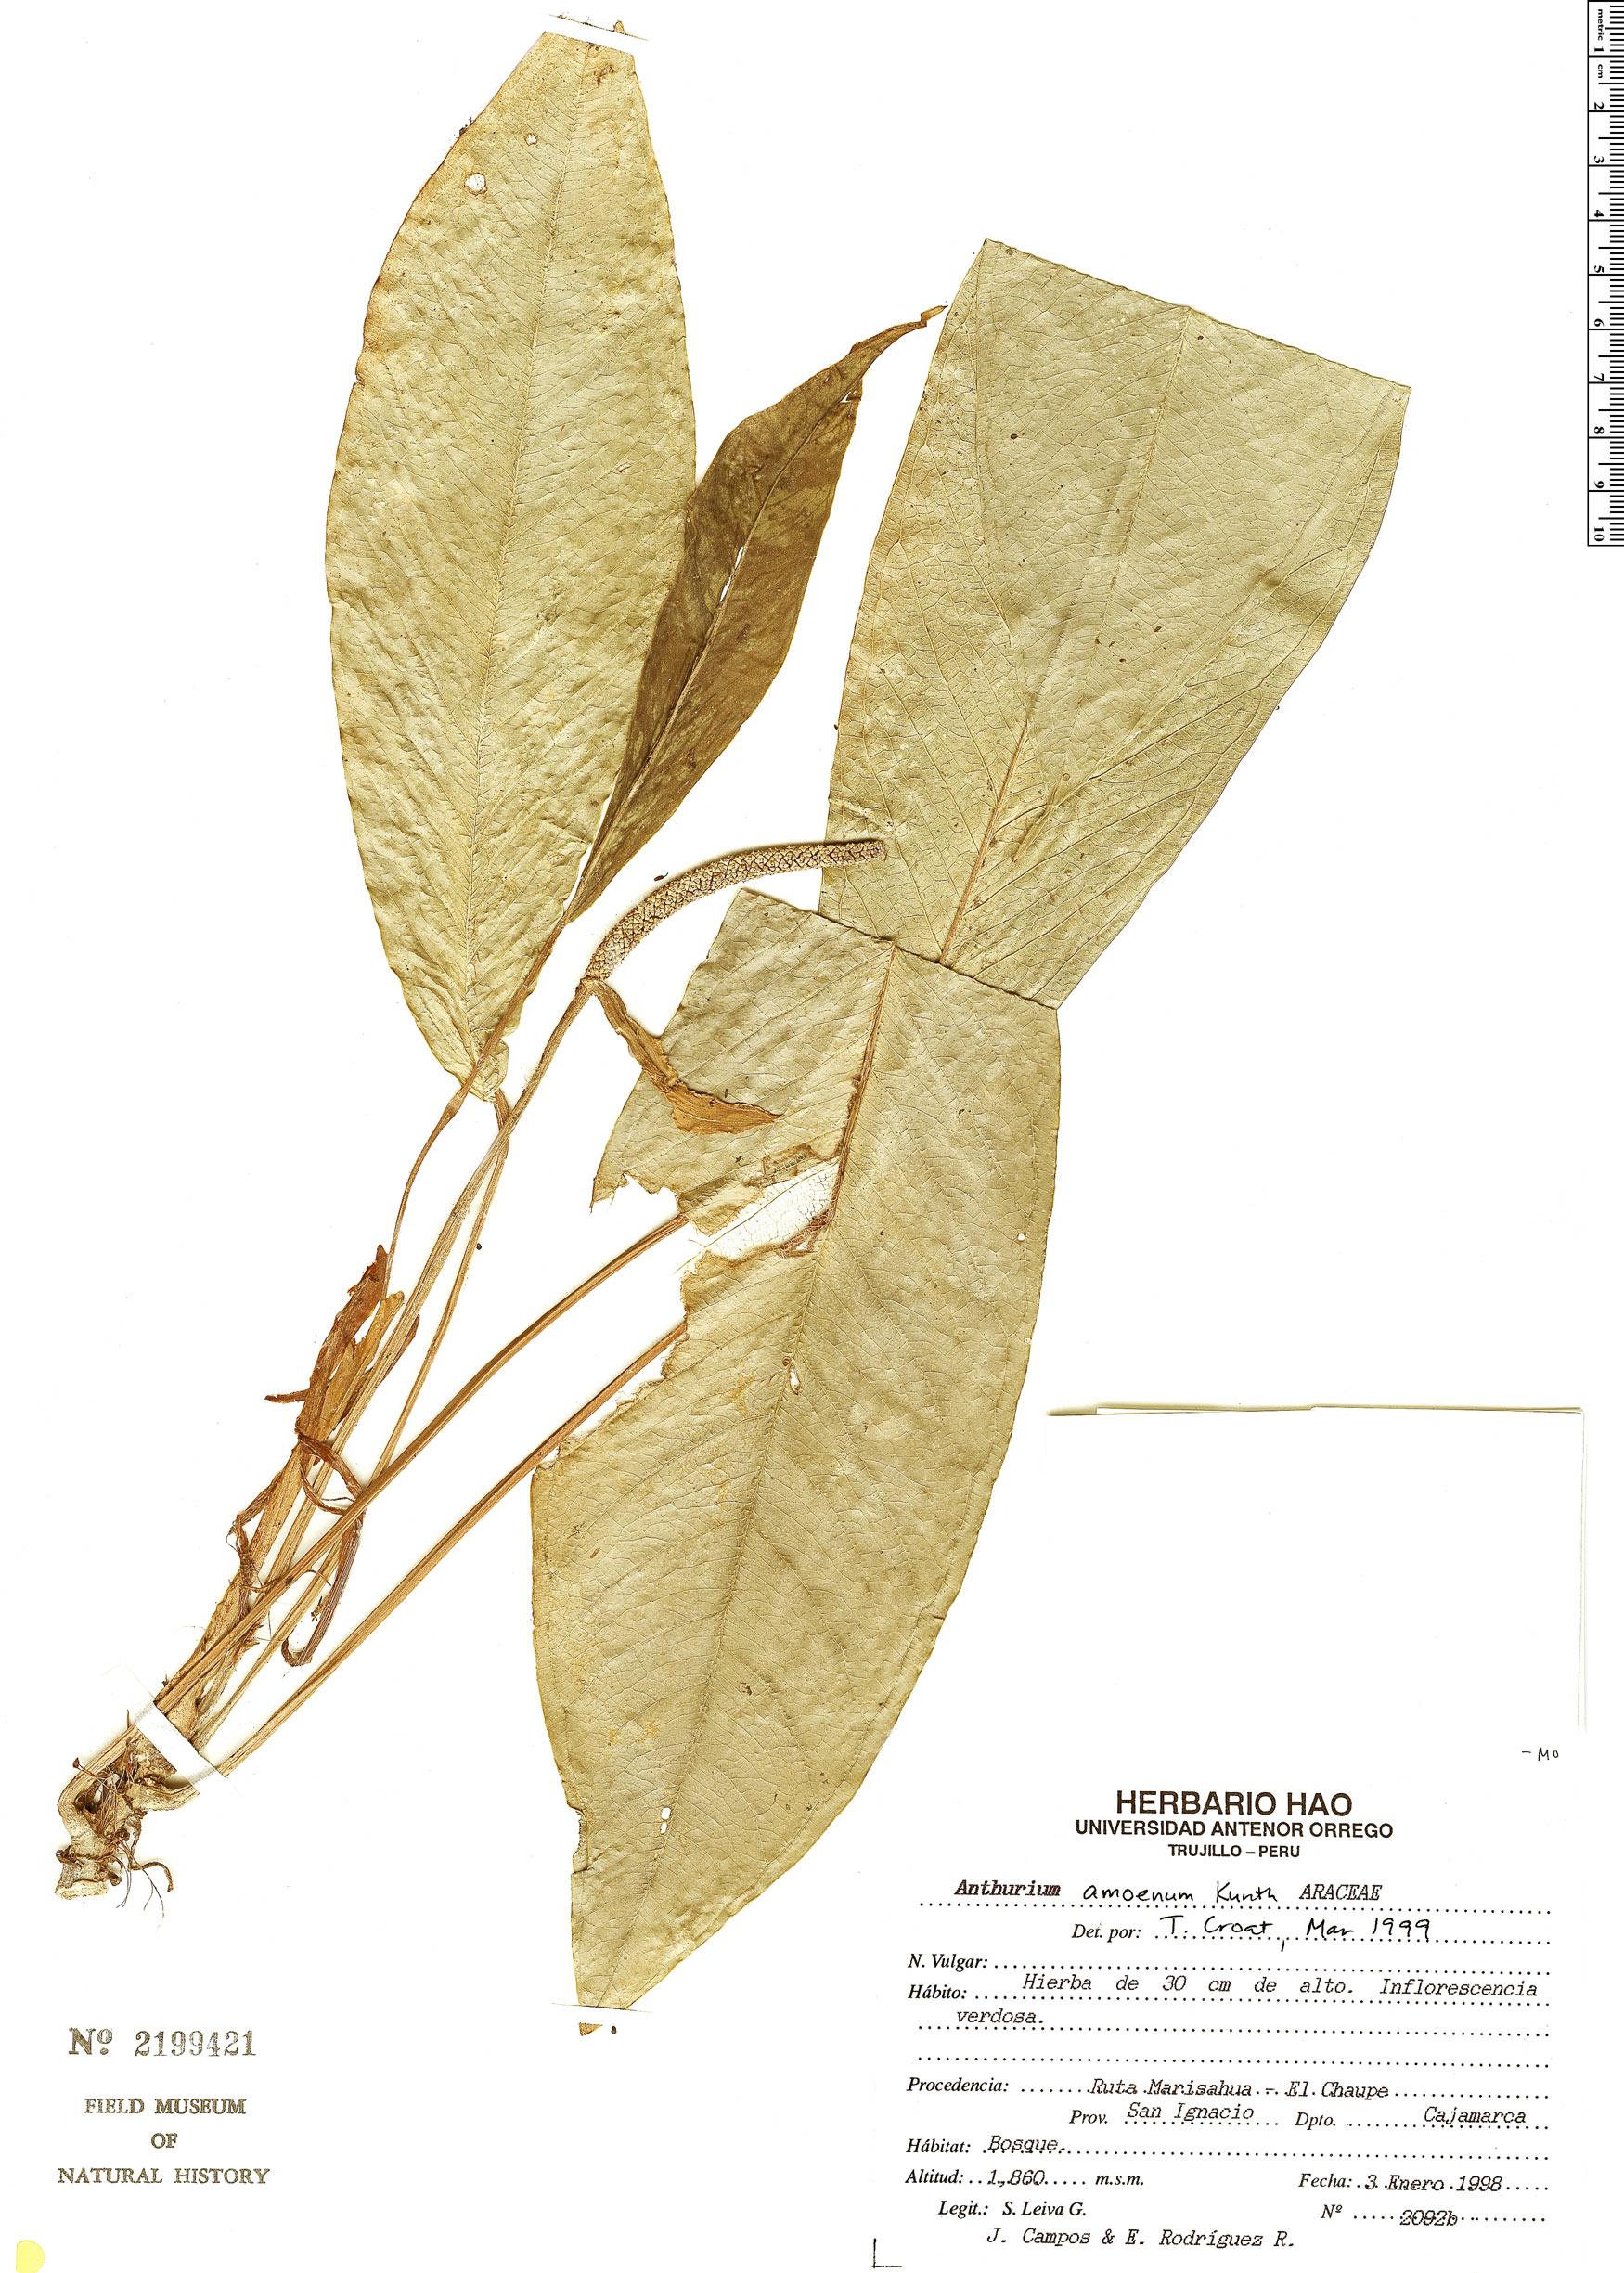 Espécimen: Anthurium amoenum